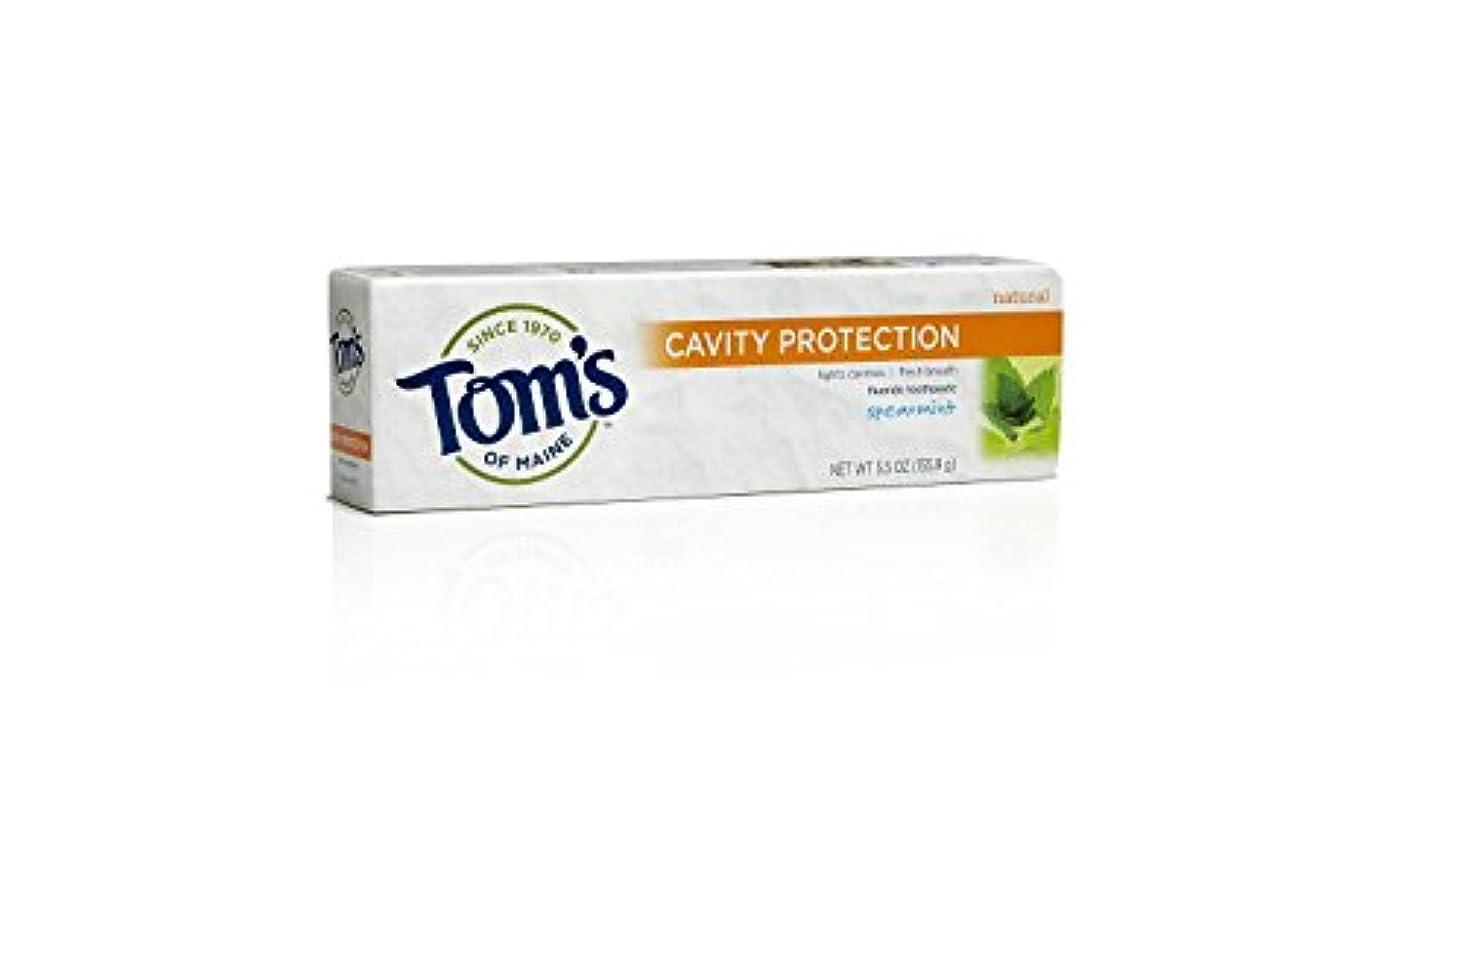 満たす良心触覚Tom's of Maine, Cavity Protection Fluoride Toothpaste, Spearmint, 5.5 oz (155.9 g)